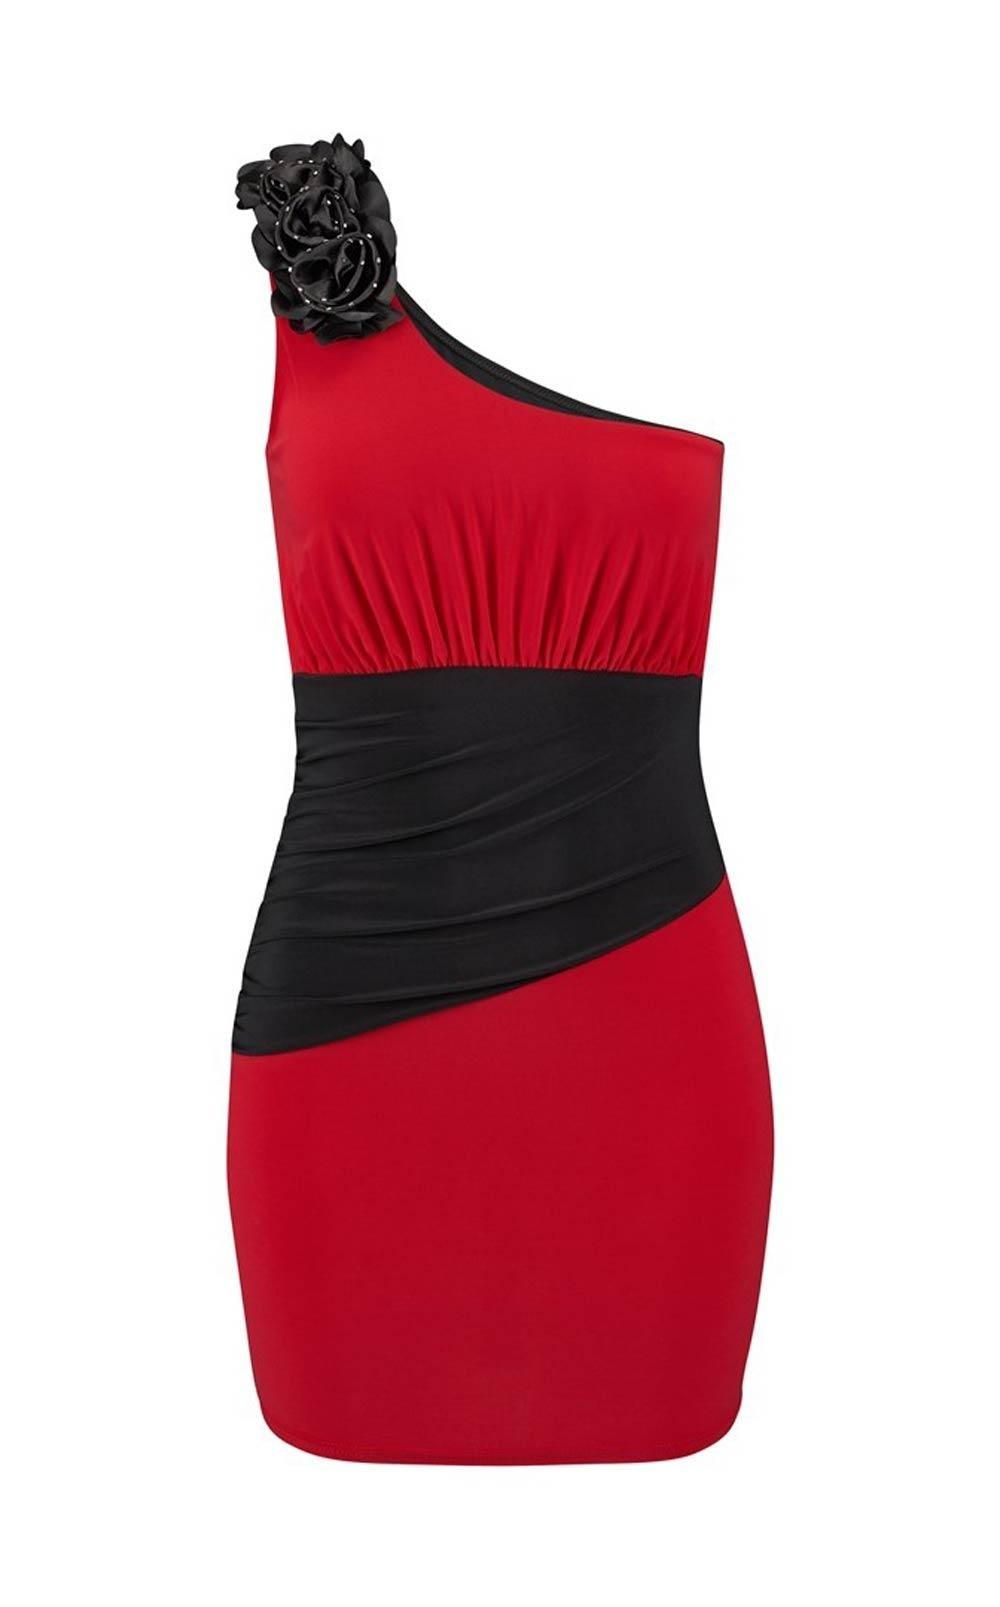 13 Cool Rot Schwarzes Kleid DesignAbend Einzigartig Rot Schwarzes Kleid Bester Preis